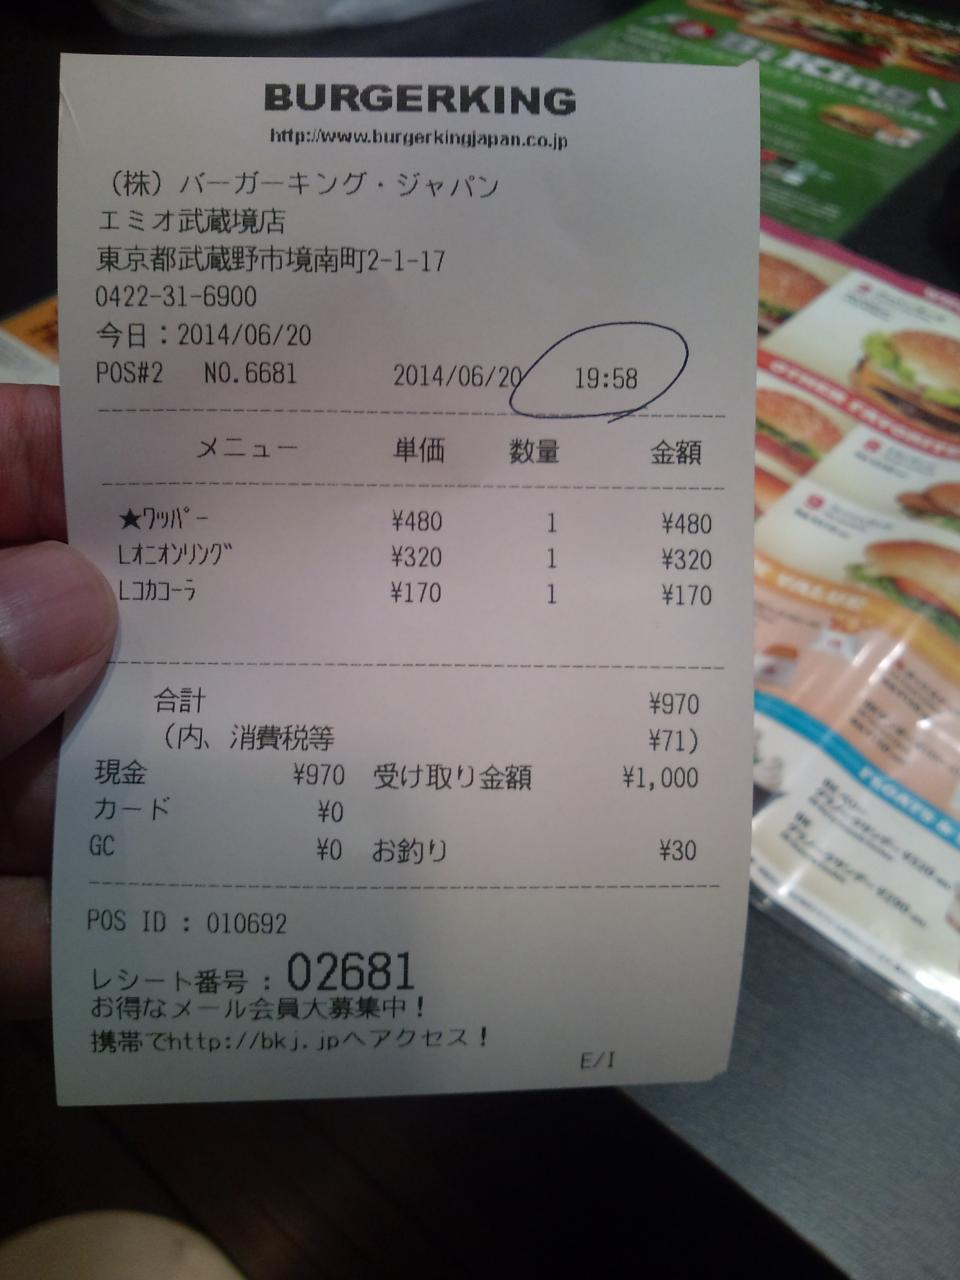 バーガーキング武蔵境店(バイキング)